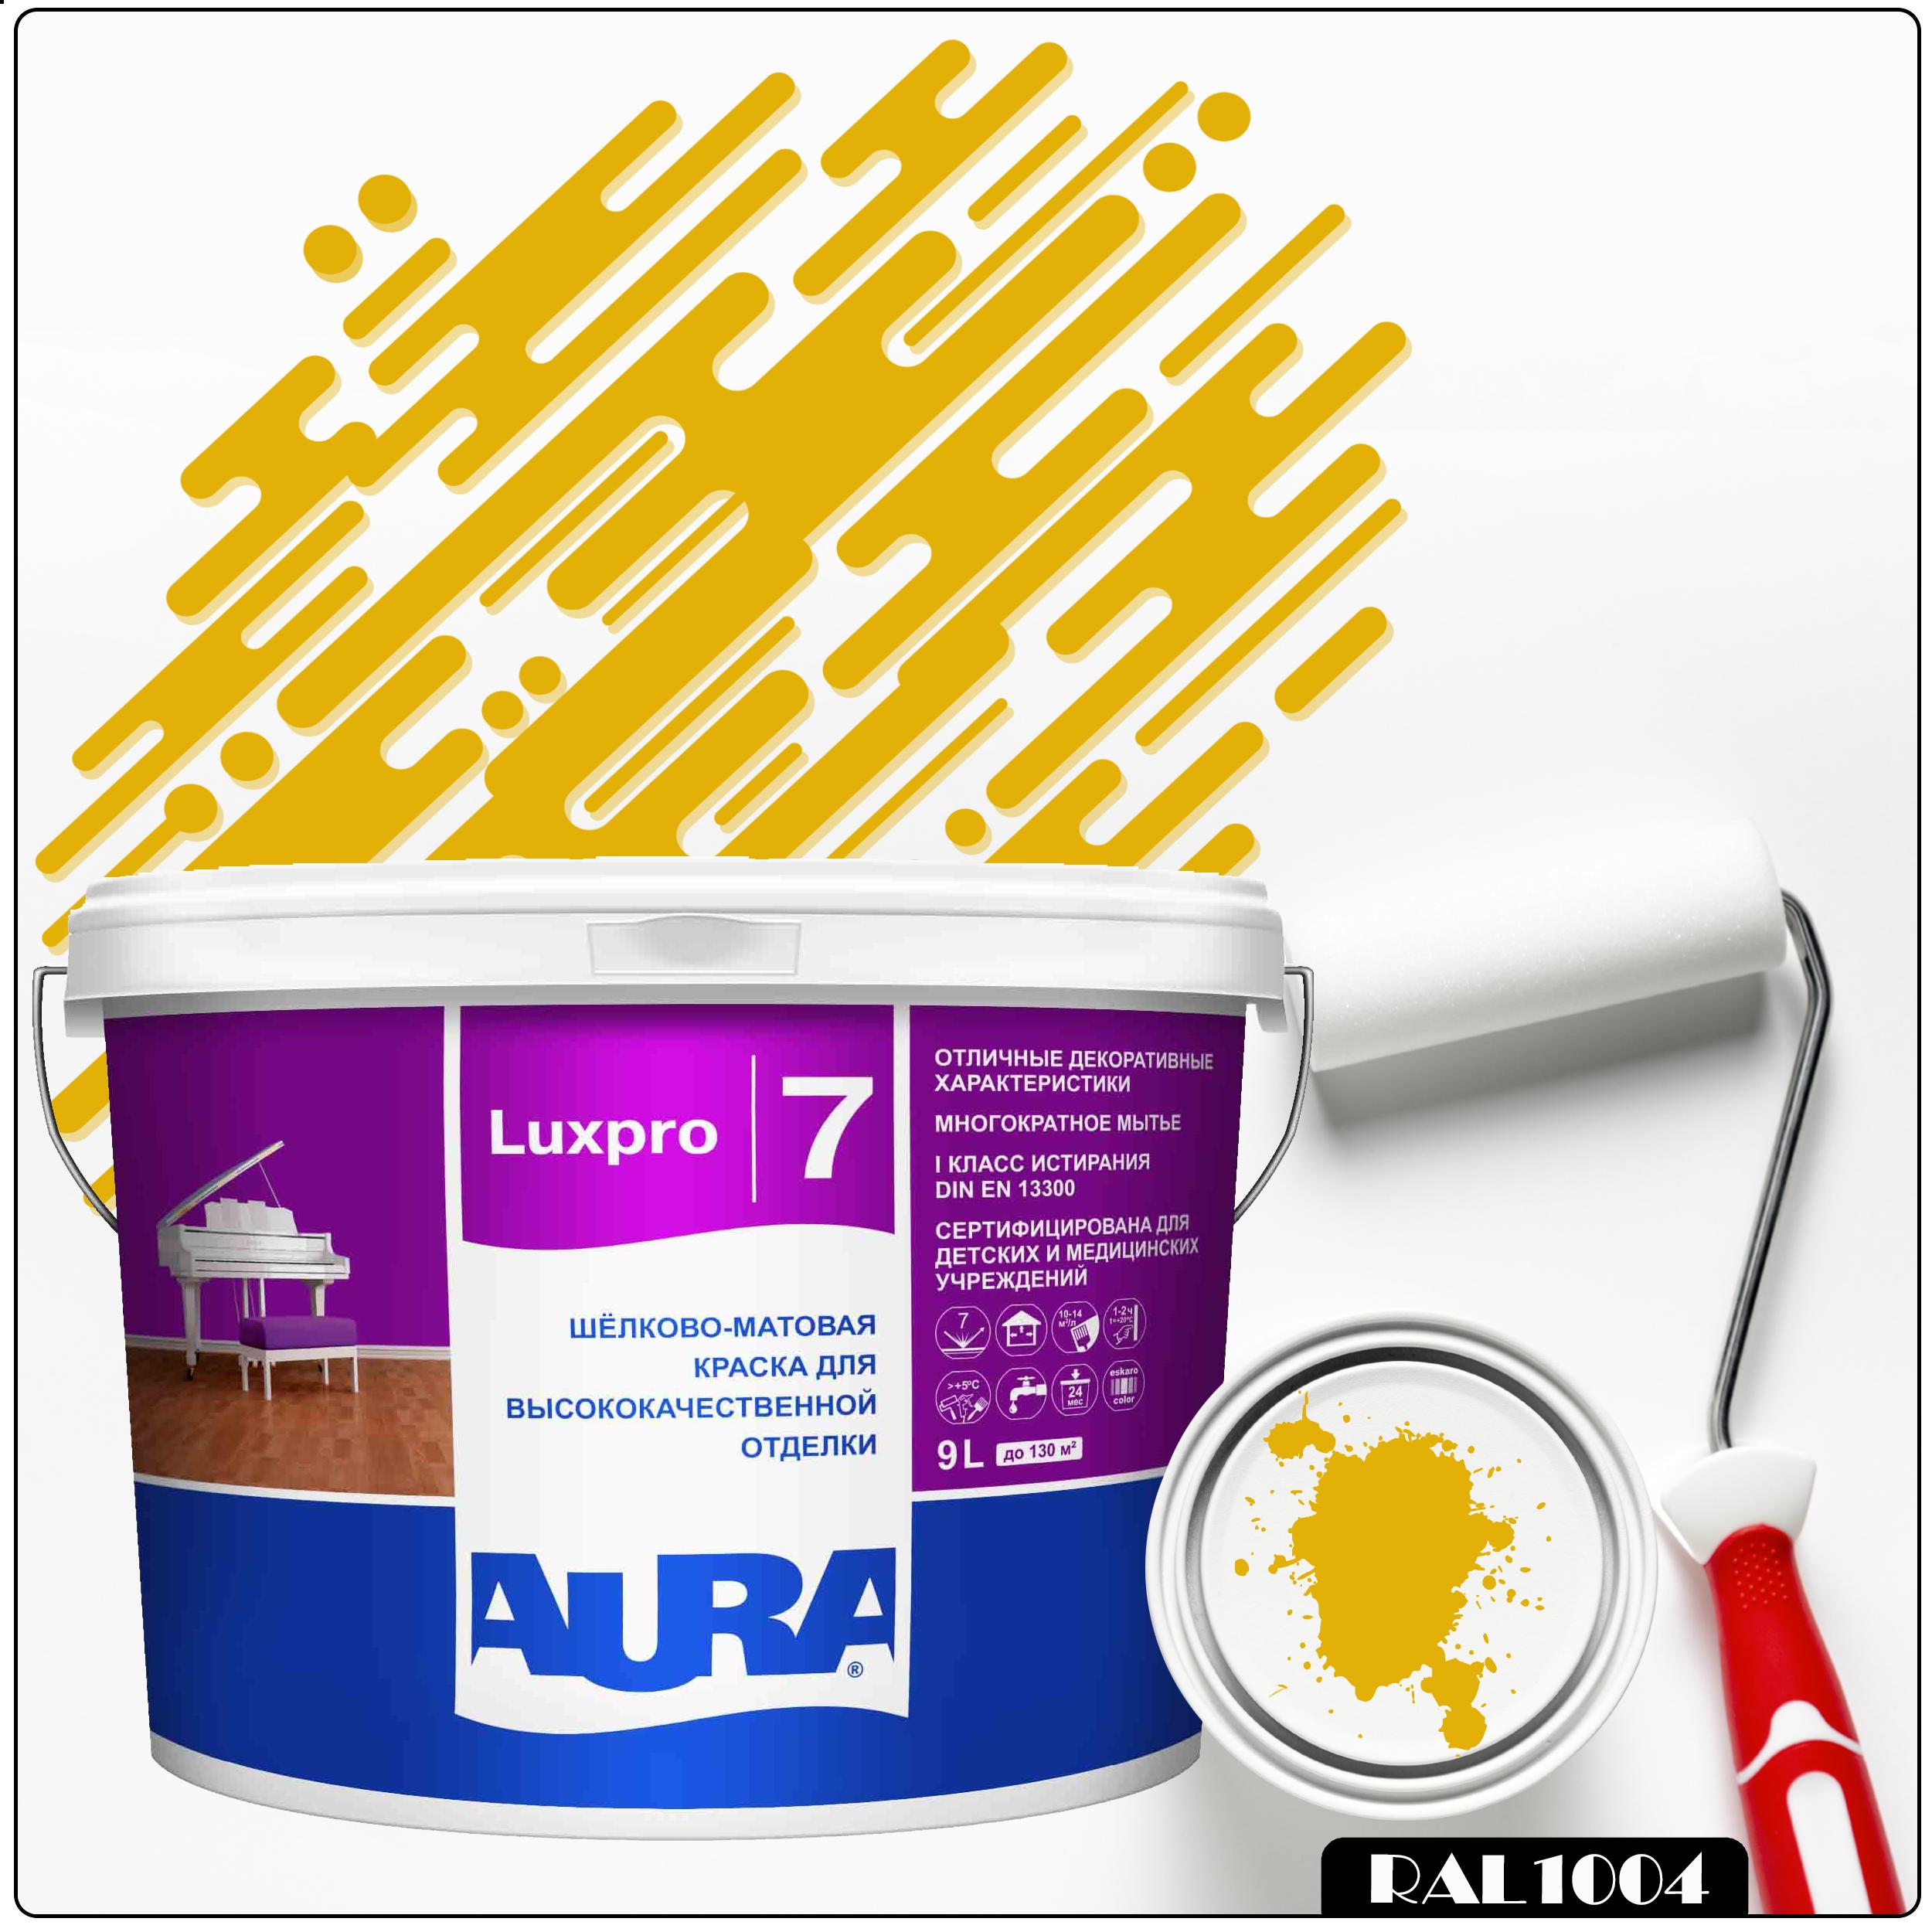 Фото 5 - Краска Aura LuxPRO 7, RAL 1004 Жёлто-золотой, латексная, шелково-матовая, интерьерная, 9л, Аура.